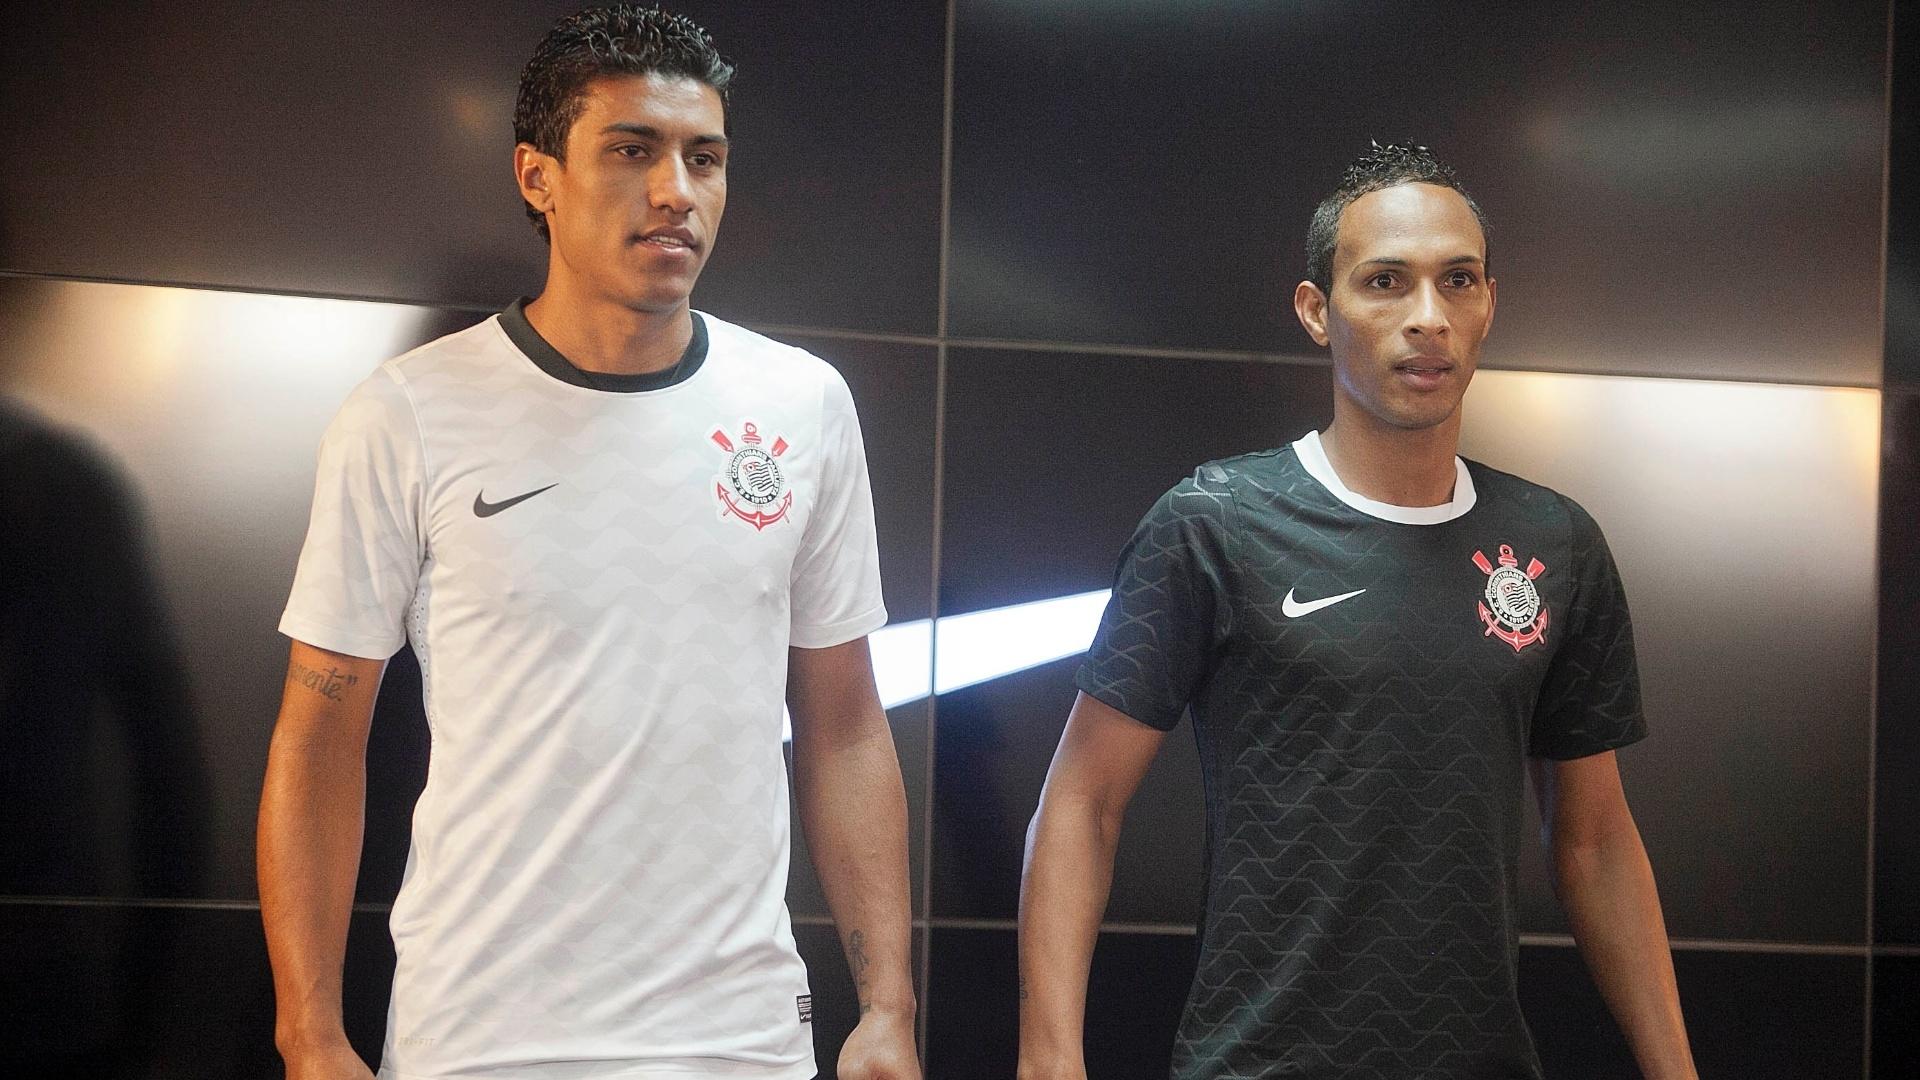 Corinthians apresenta novos uniformes feitos com reciclagem de garrafas pet  - 04 05 2012 - UOL Esporte 43c2a607f1e4a